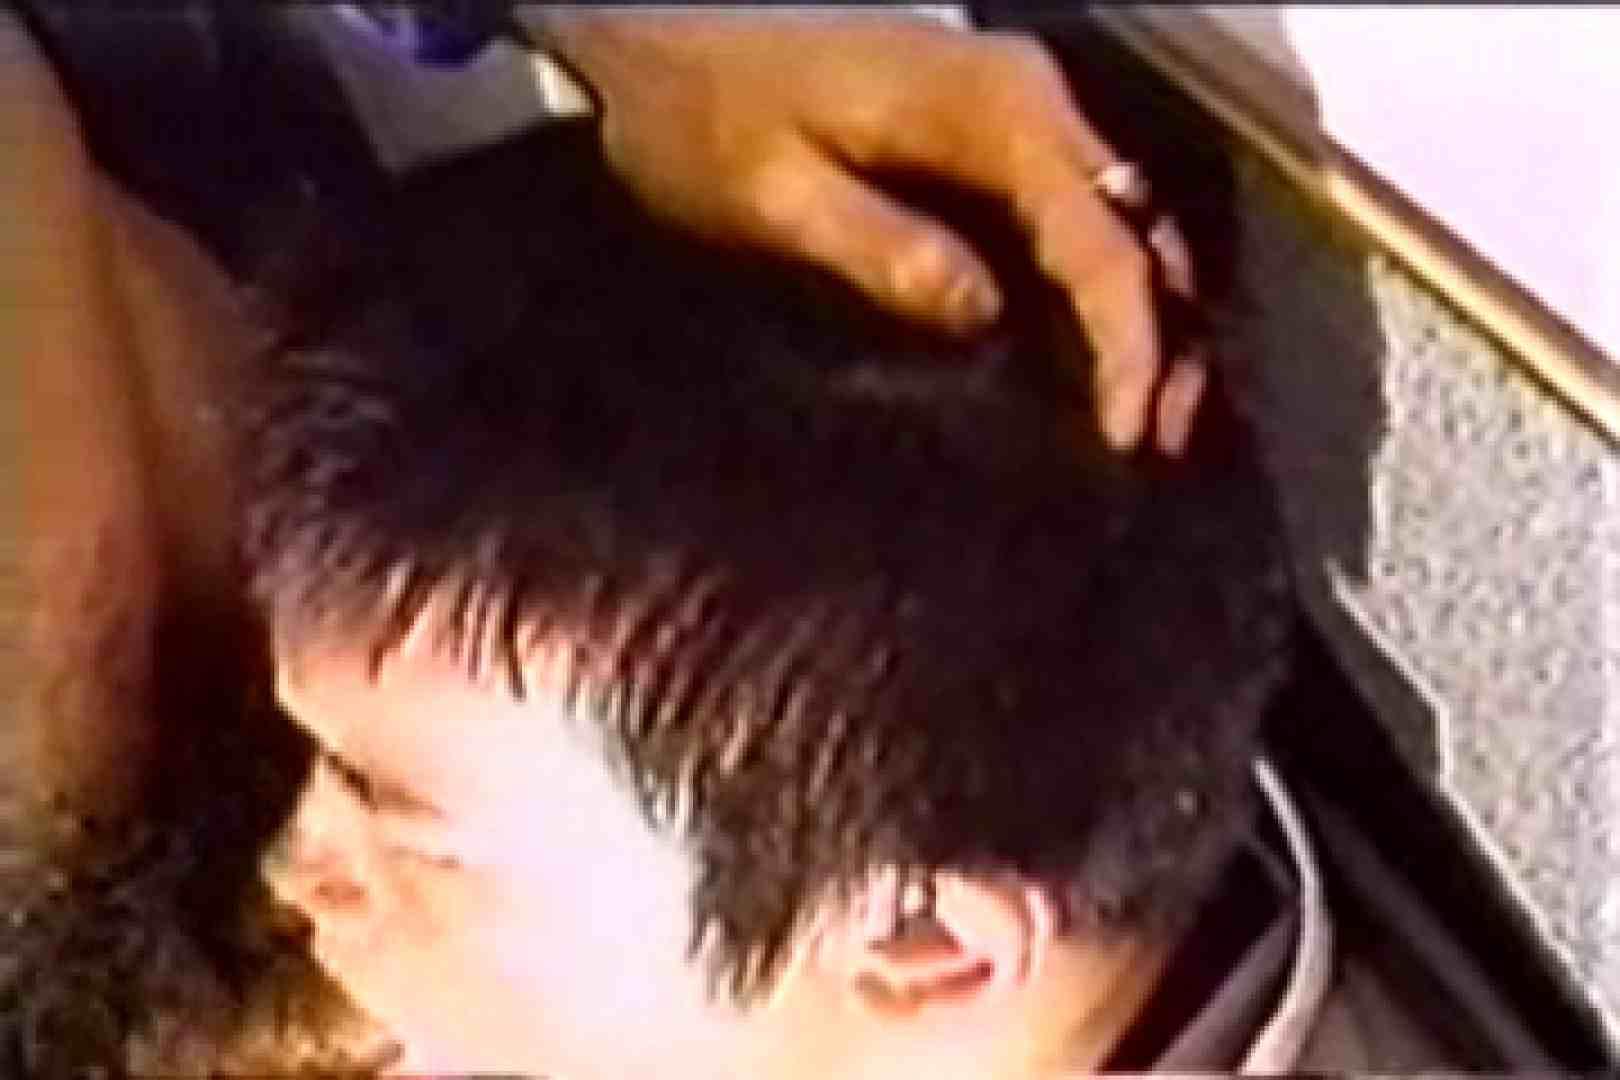 俺たち痴態思考!!vol.01序章 野外露出動画 ゲイ素人エロ画像 49pic 49